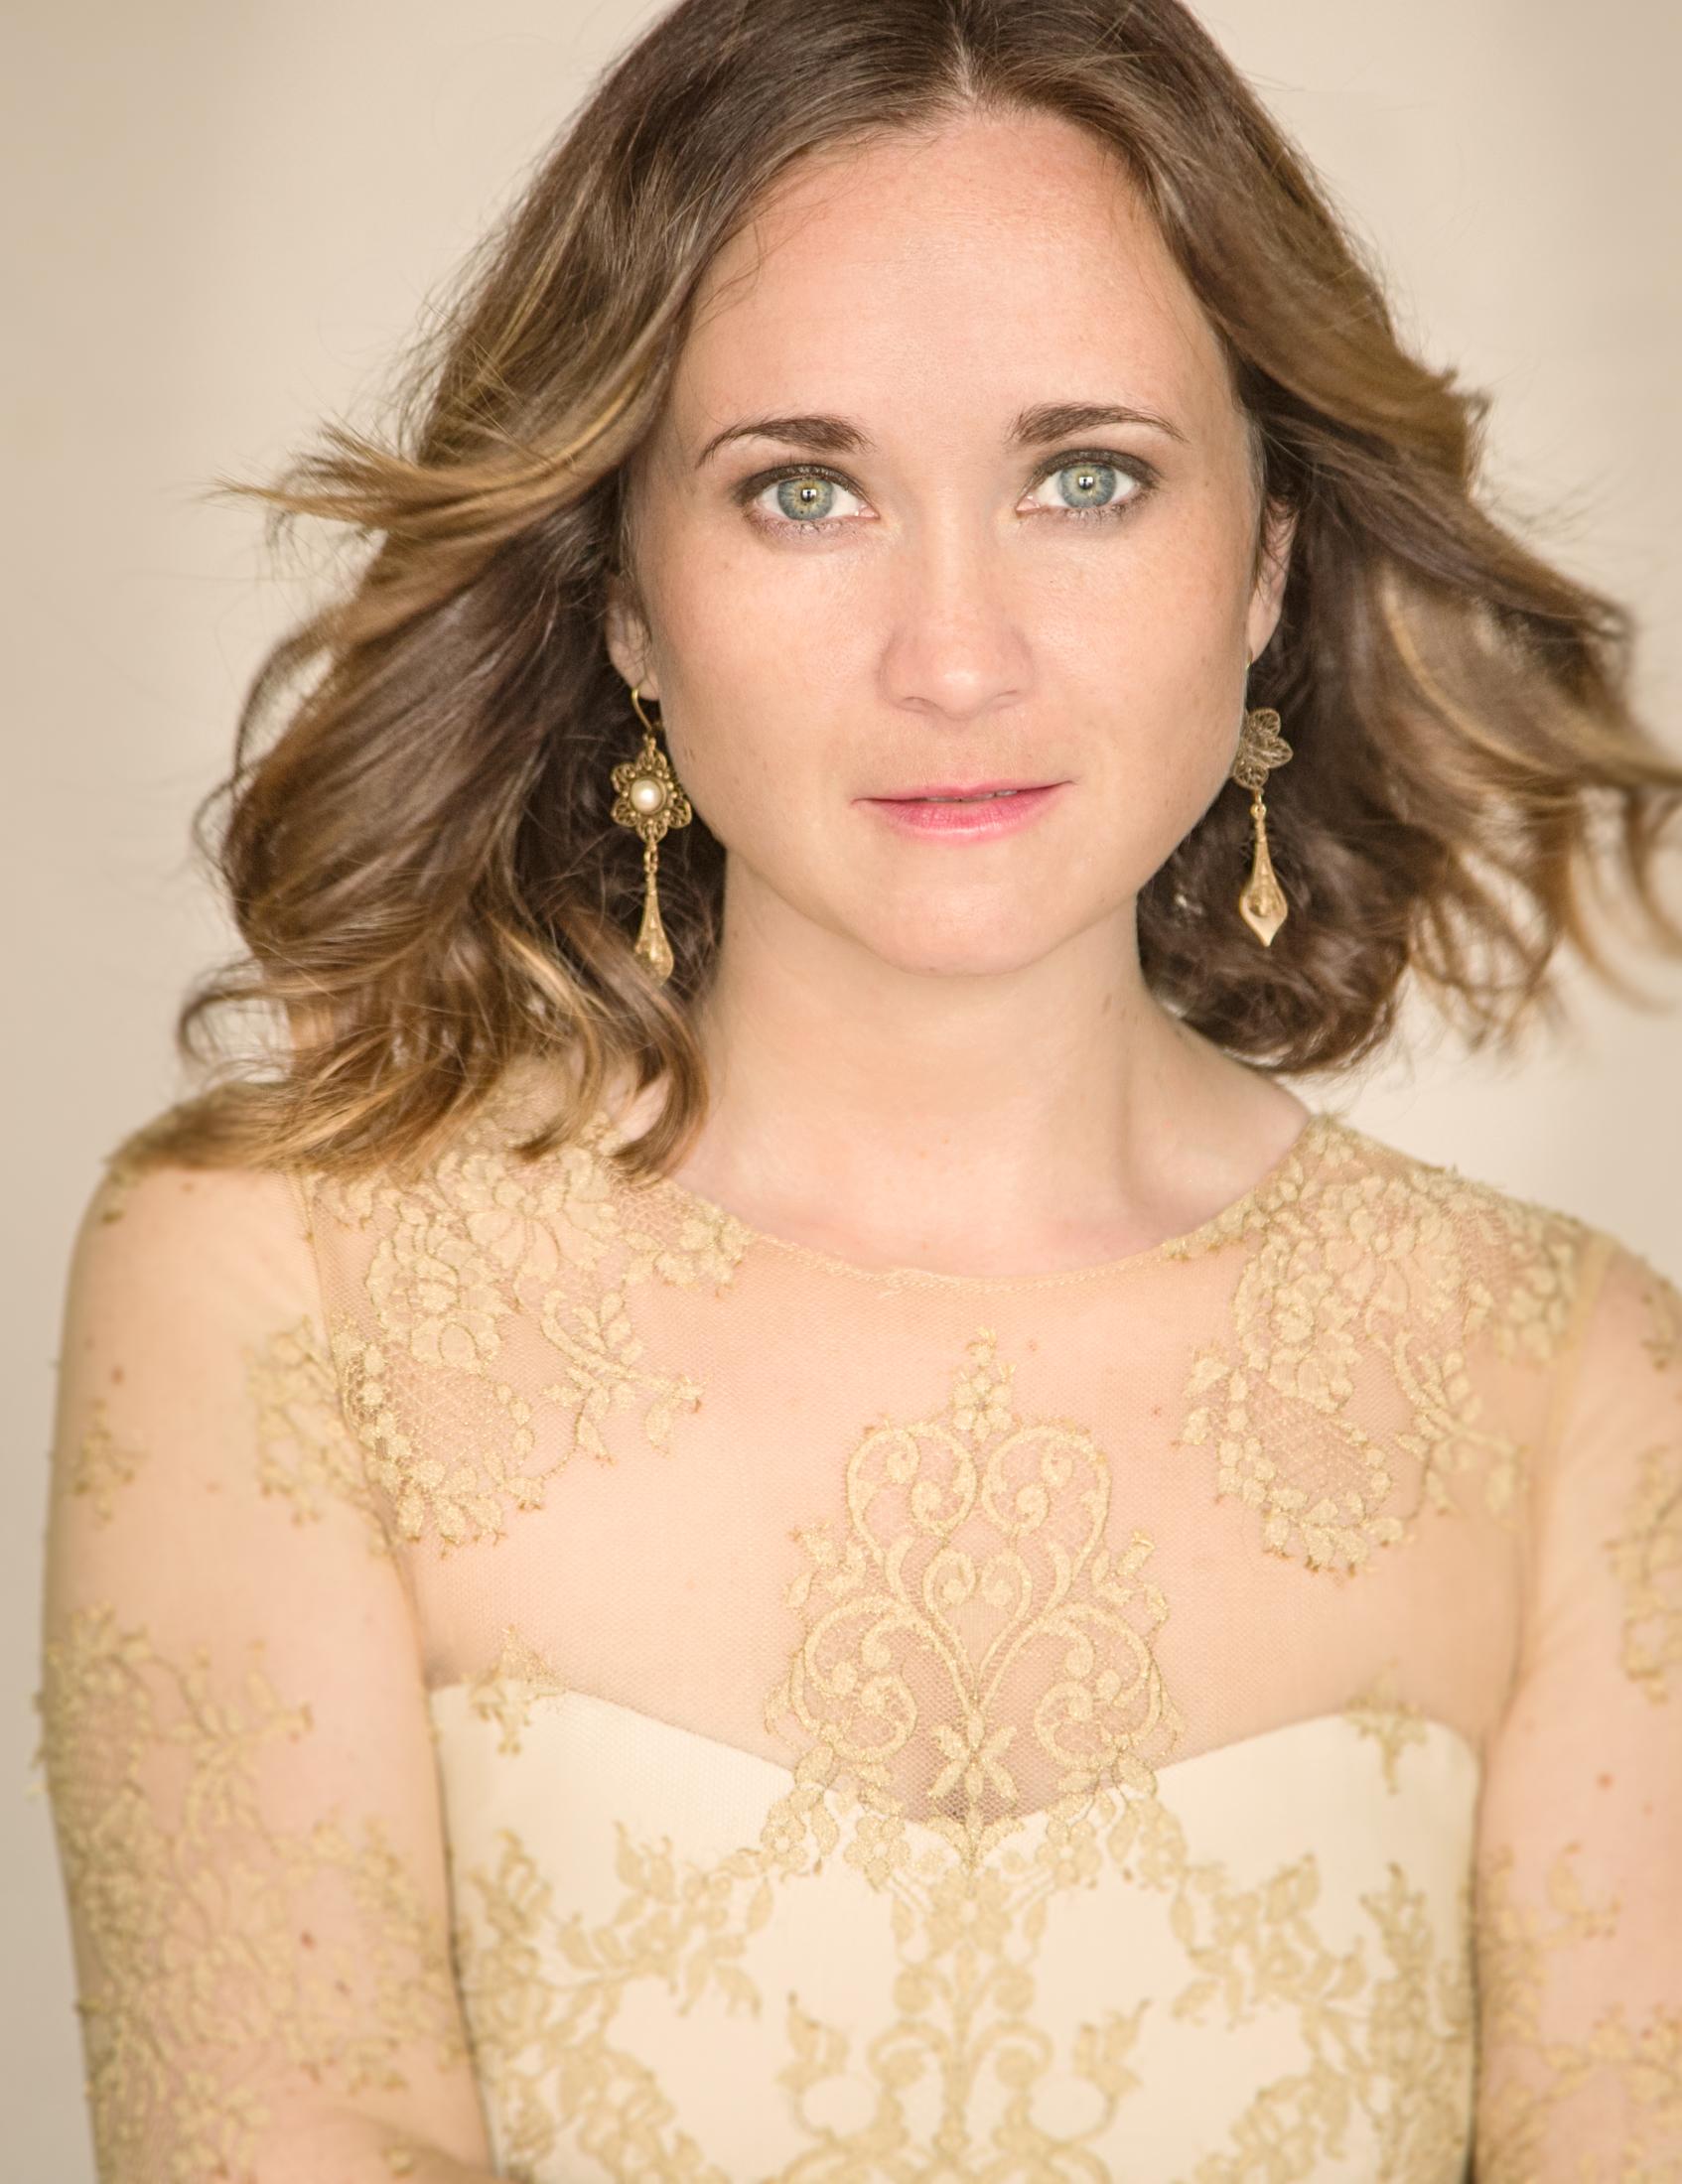 Kate modern beauty portrait